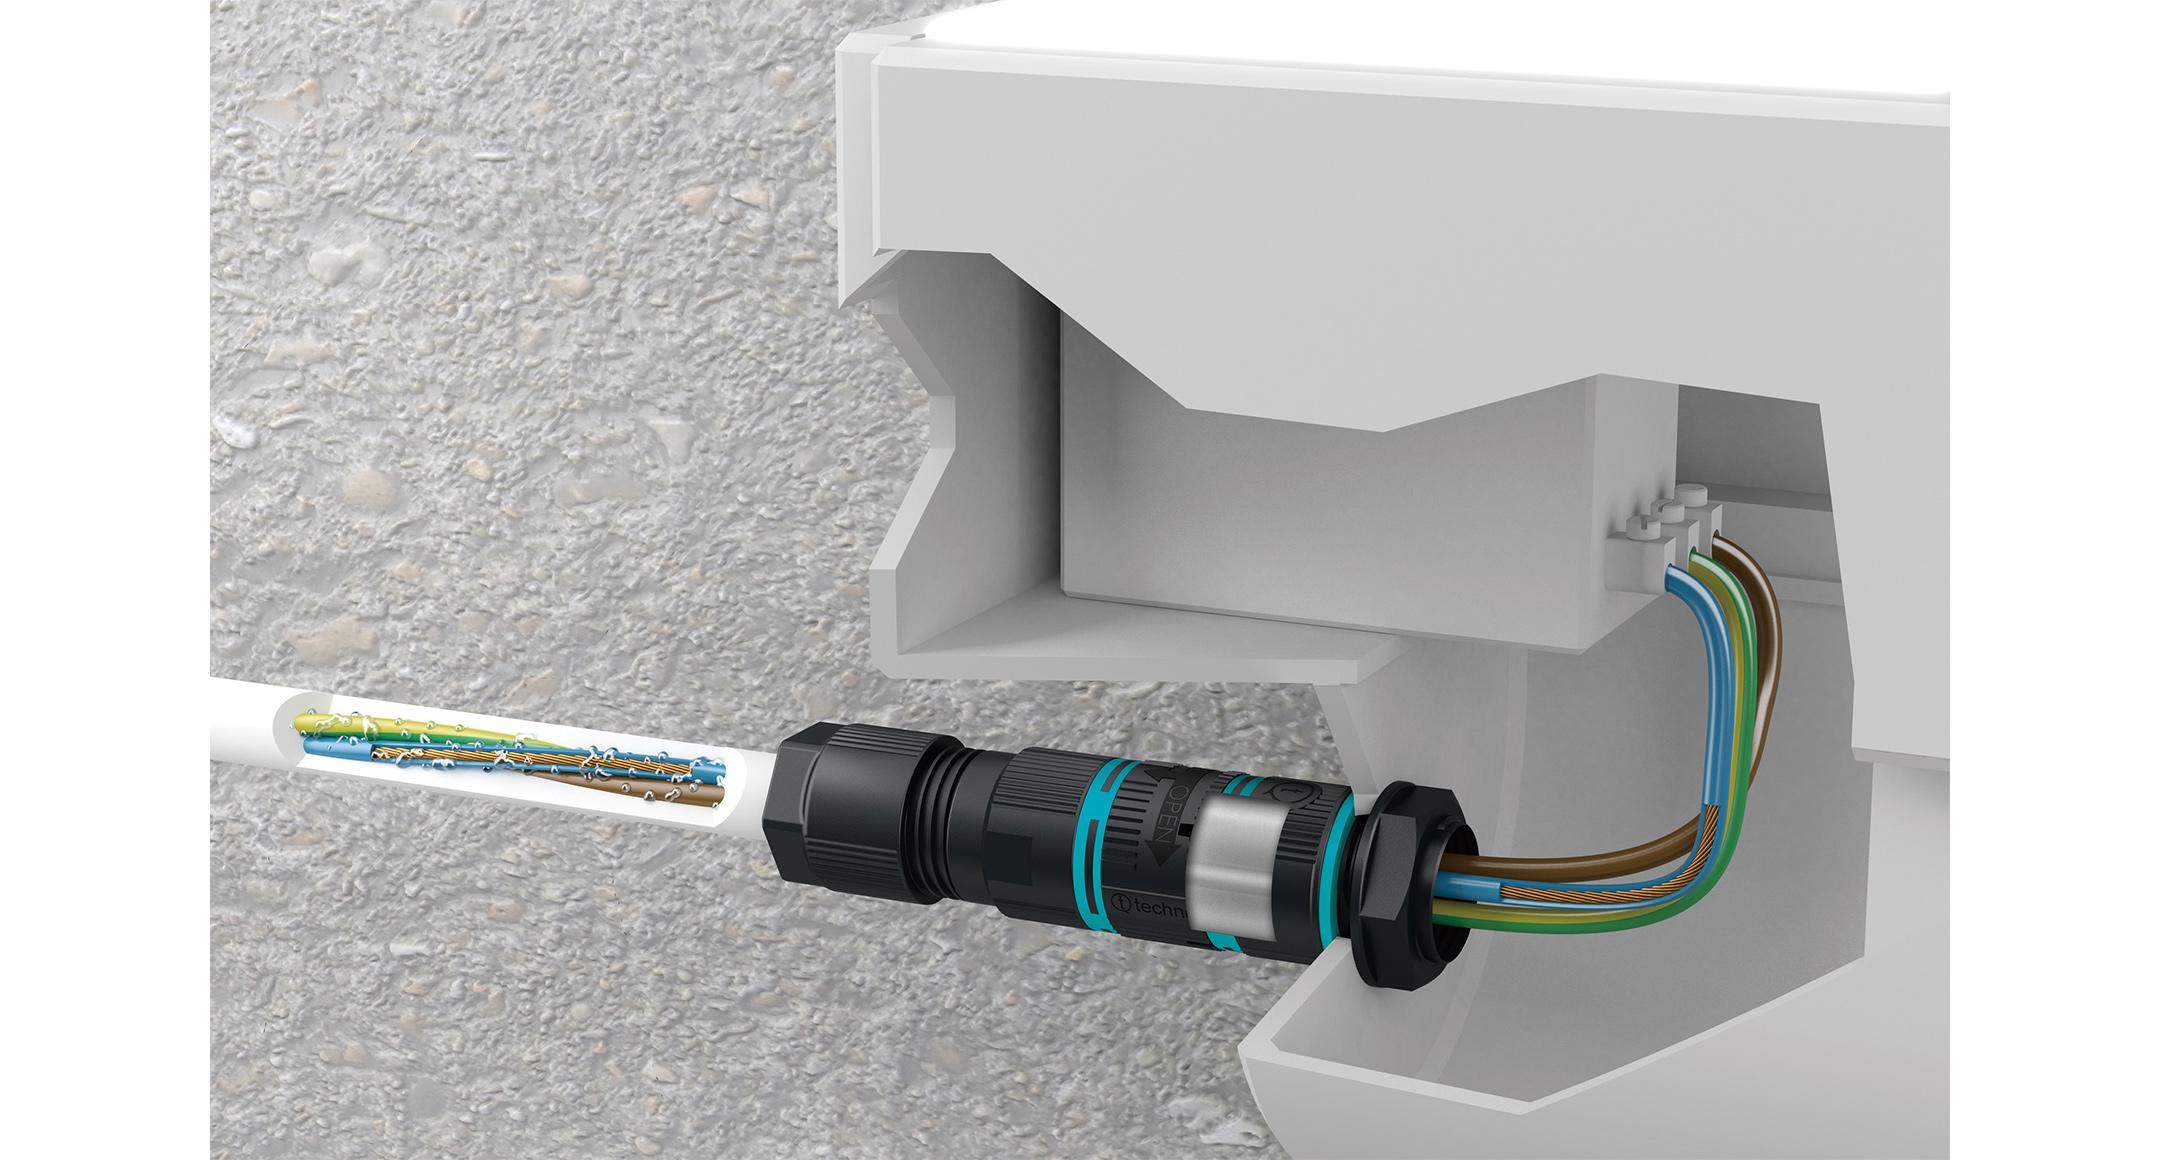 パネルマウント防水コネクタ THB387Eシリーズの画像